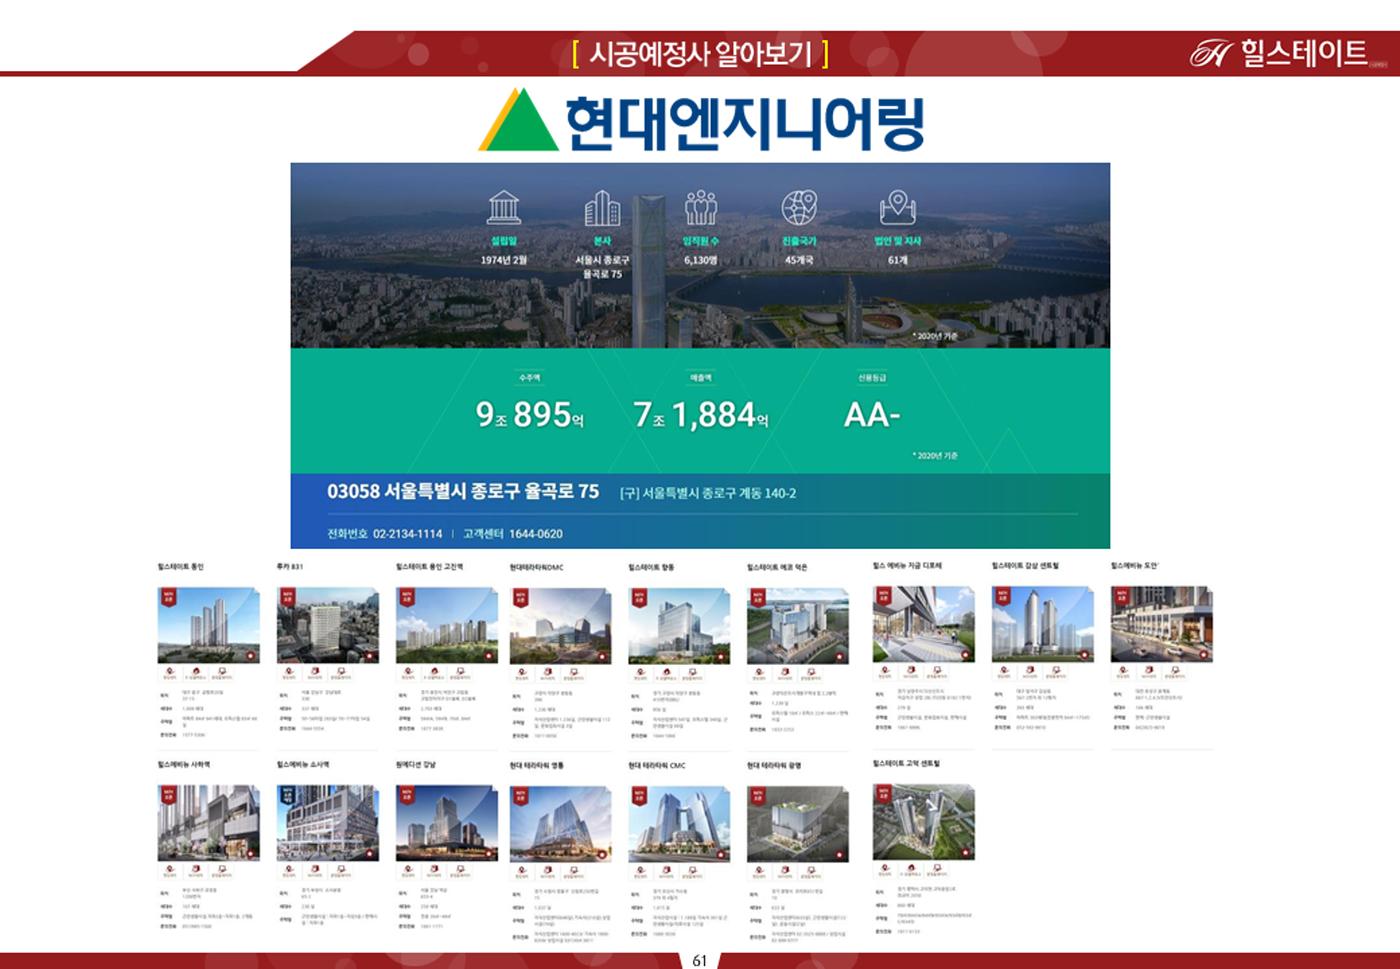 현대 엔지니어링  힐스테이트 시공사 소개